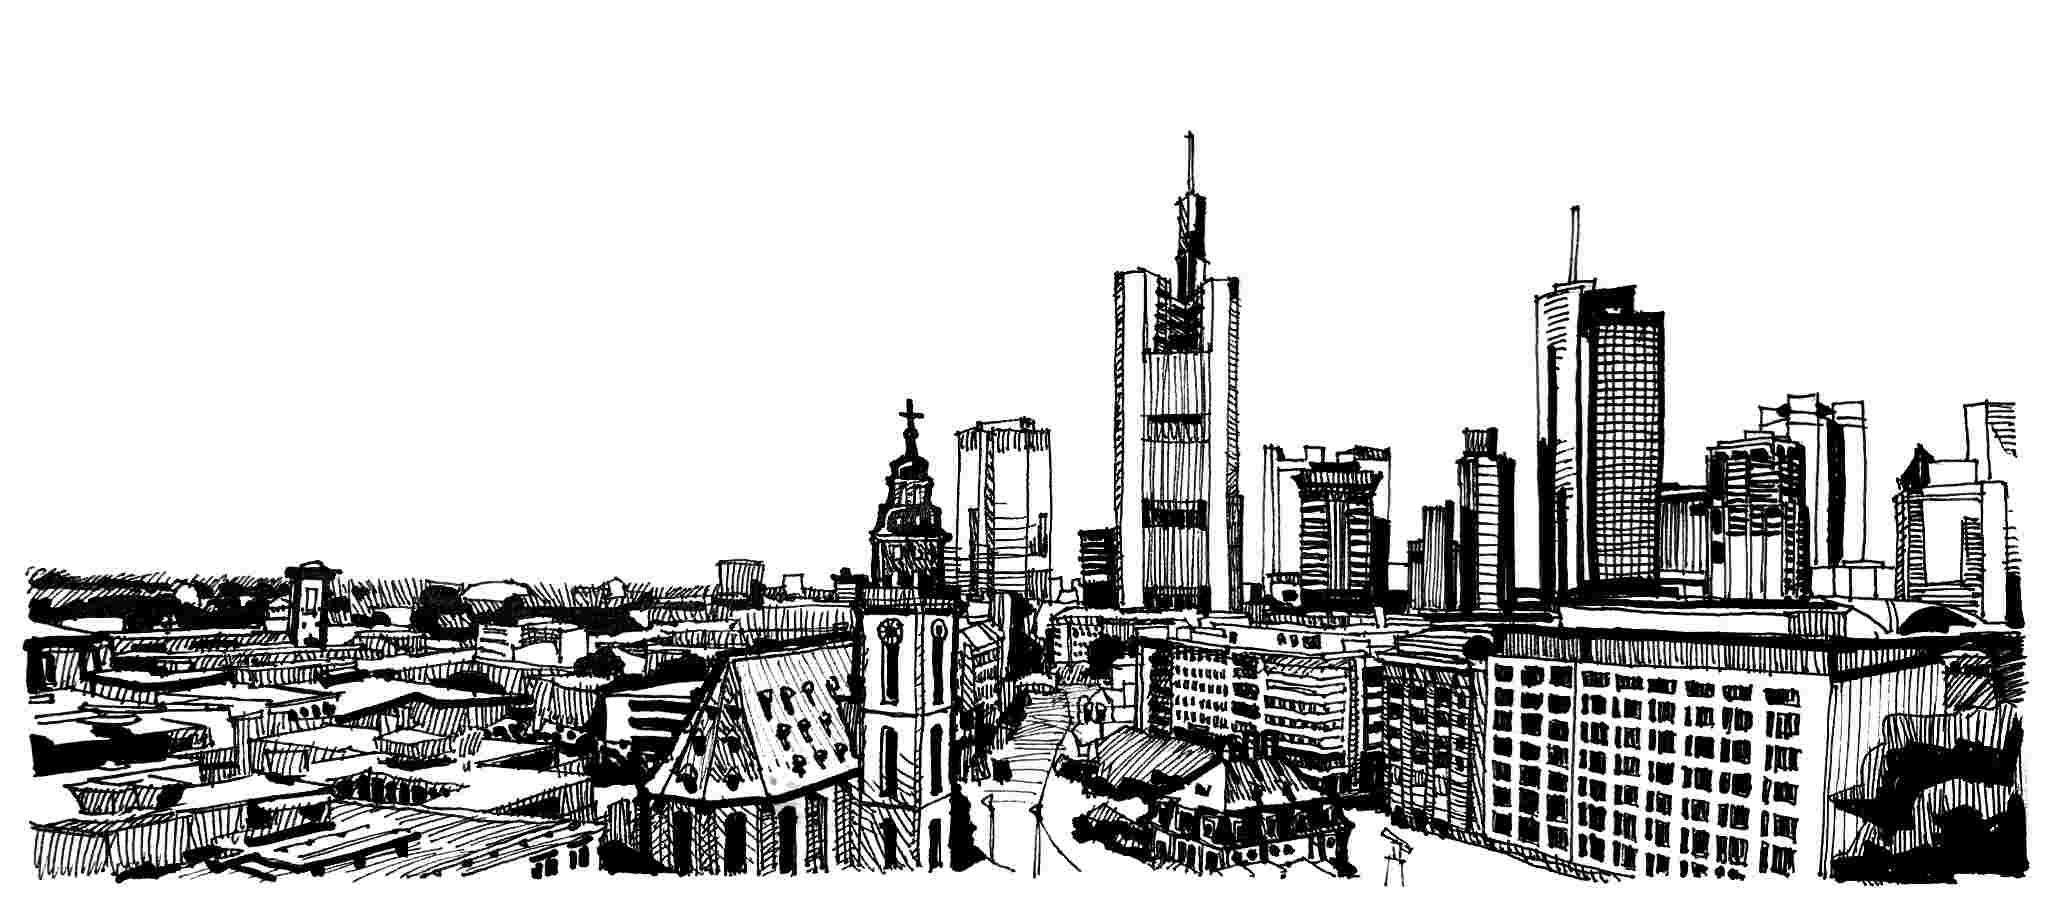 Schwarz-weiß Zeichnung von der Frankfurter Skyline - Kanzlei für Markenrecht, Wettbewerbsrecht und Urheberrecht